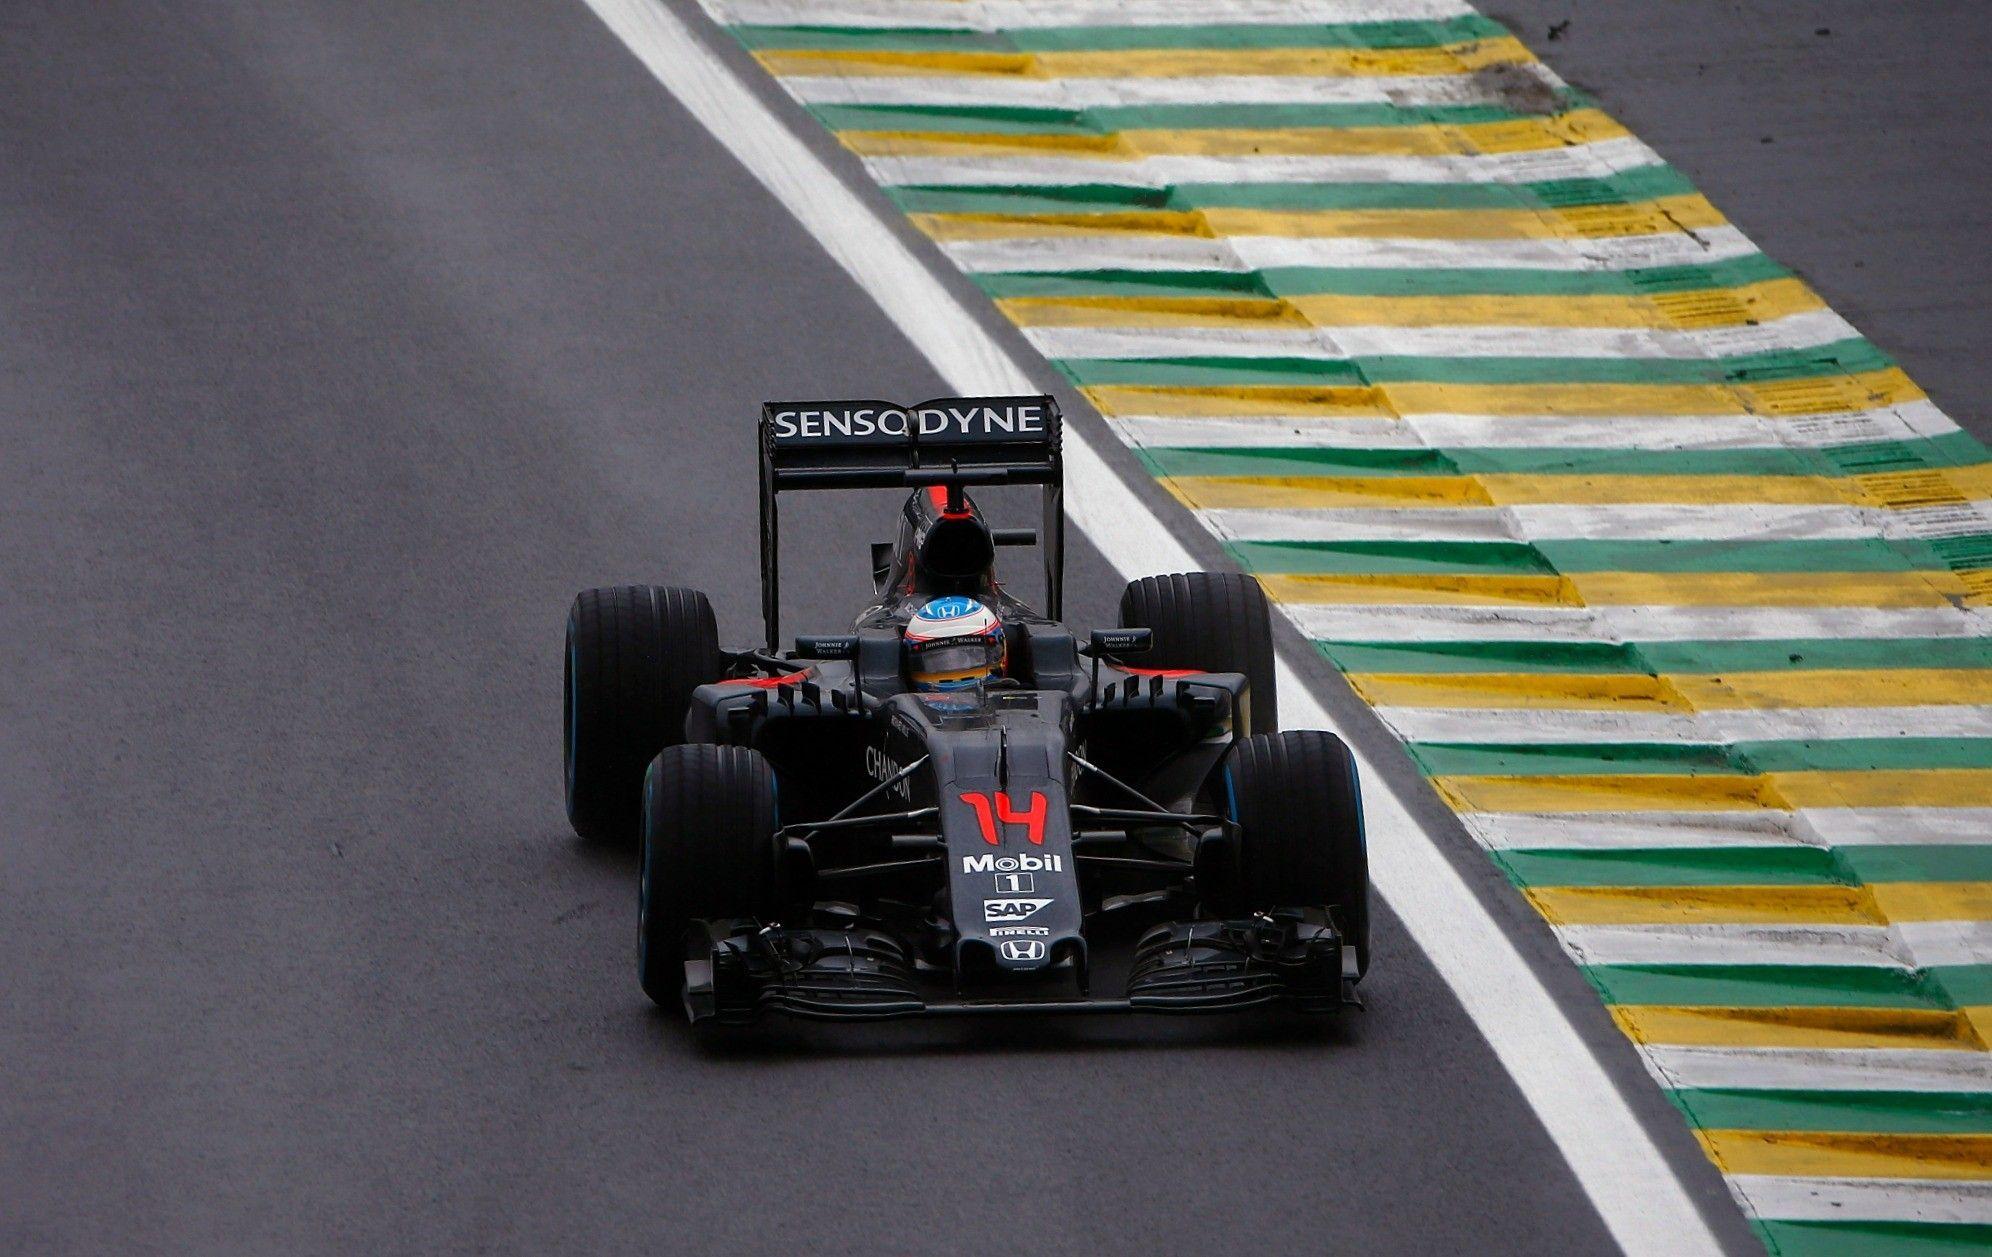 Un'annata da combattente, limitato da una McLaren ancora troppo poco competitiva. Può riassumersi così il 2016 di Alonso (foto da: eurosport.fr)